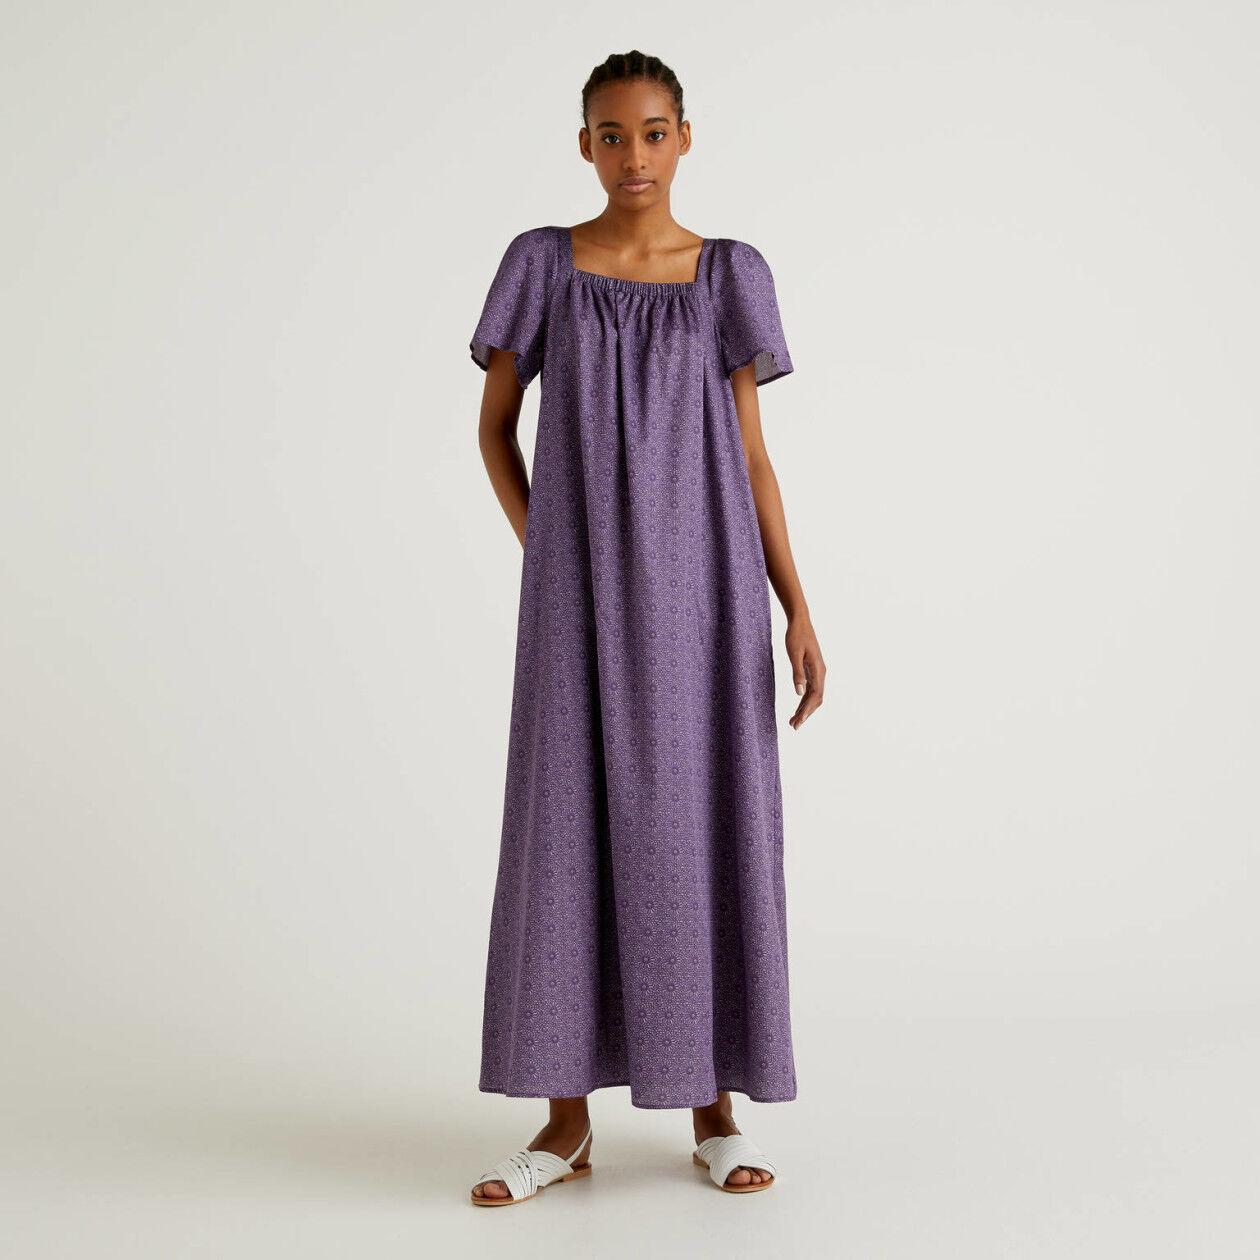 Langes Kleid aus Baumwolle mit Print